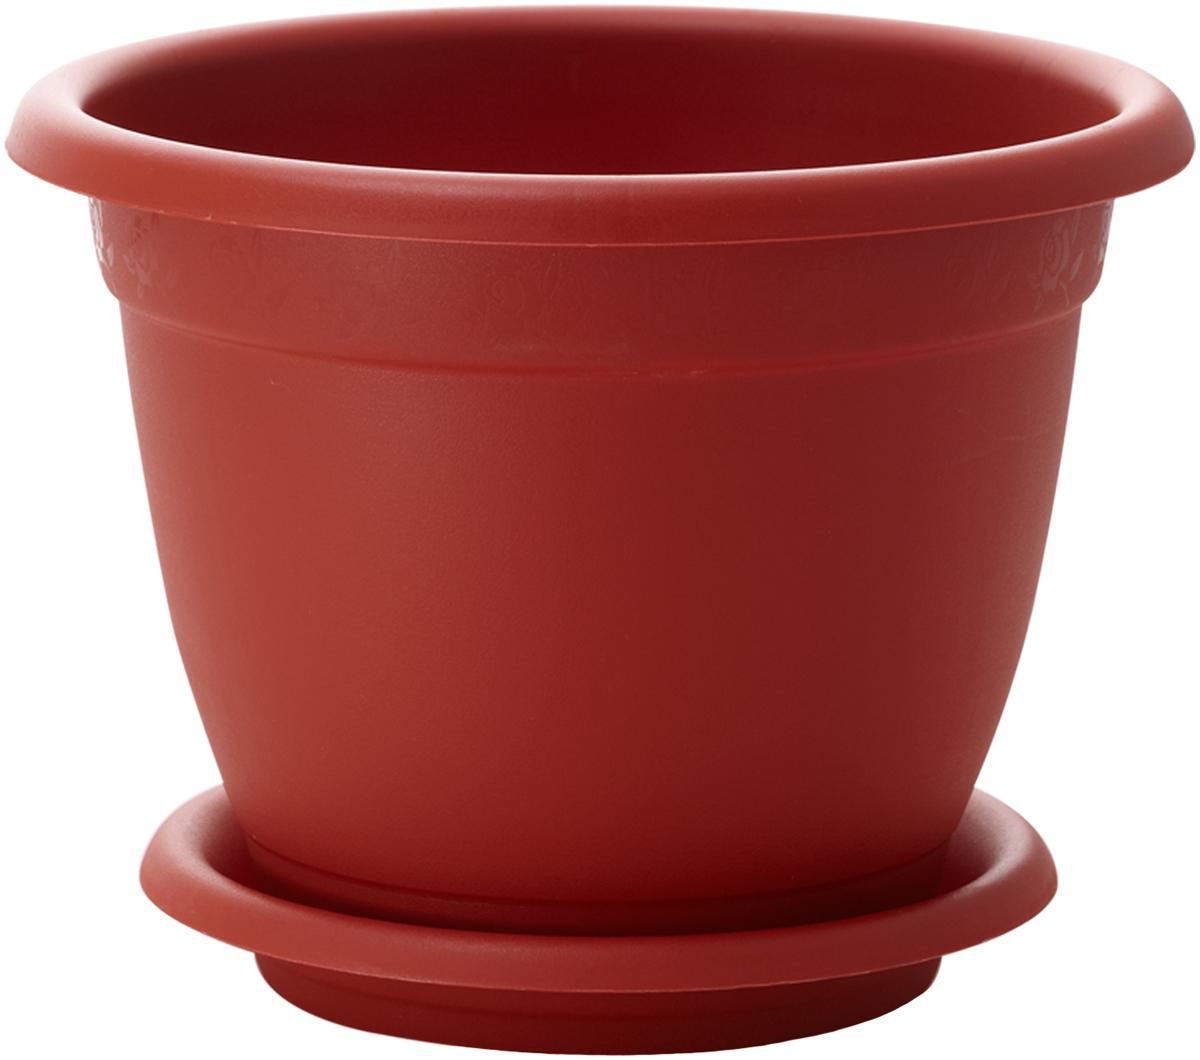 Горшок для цветов InGreen Борнео, с поддоном, цвет: терракотовый, диаметр 24 смING42024FТРЦветочный горшок InGreen Борнео, выполненный из полипропилена, предназначен для выращивания в нем цветов, растений и трав. Такой горшок порадует вас современным дизайном и функциональностью, а также оригинально украсит интерьер помещения. К горшку прилагается круглый поддон. Диаметр горшка: 24 см. Высота горшка: 18,5 см. Диаметр поддона: 19 см.